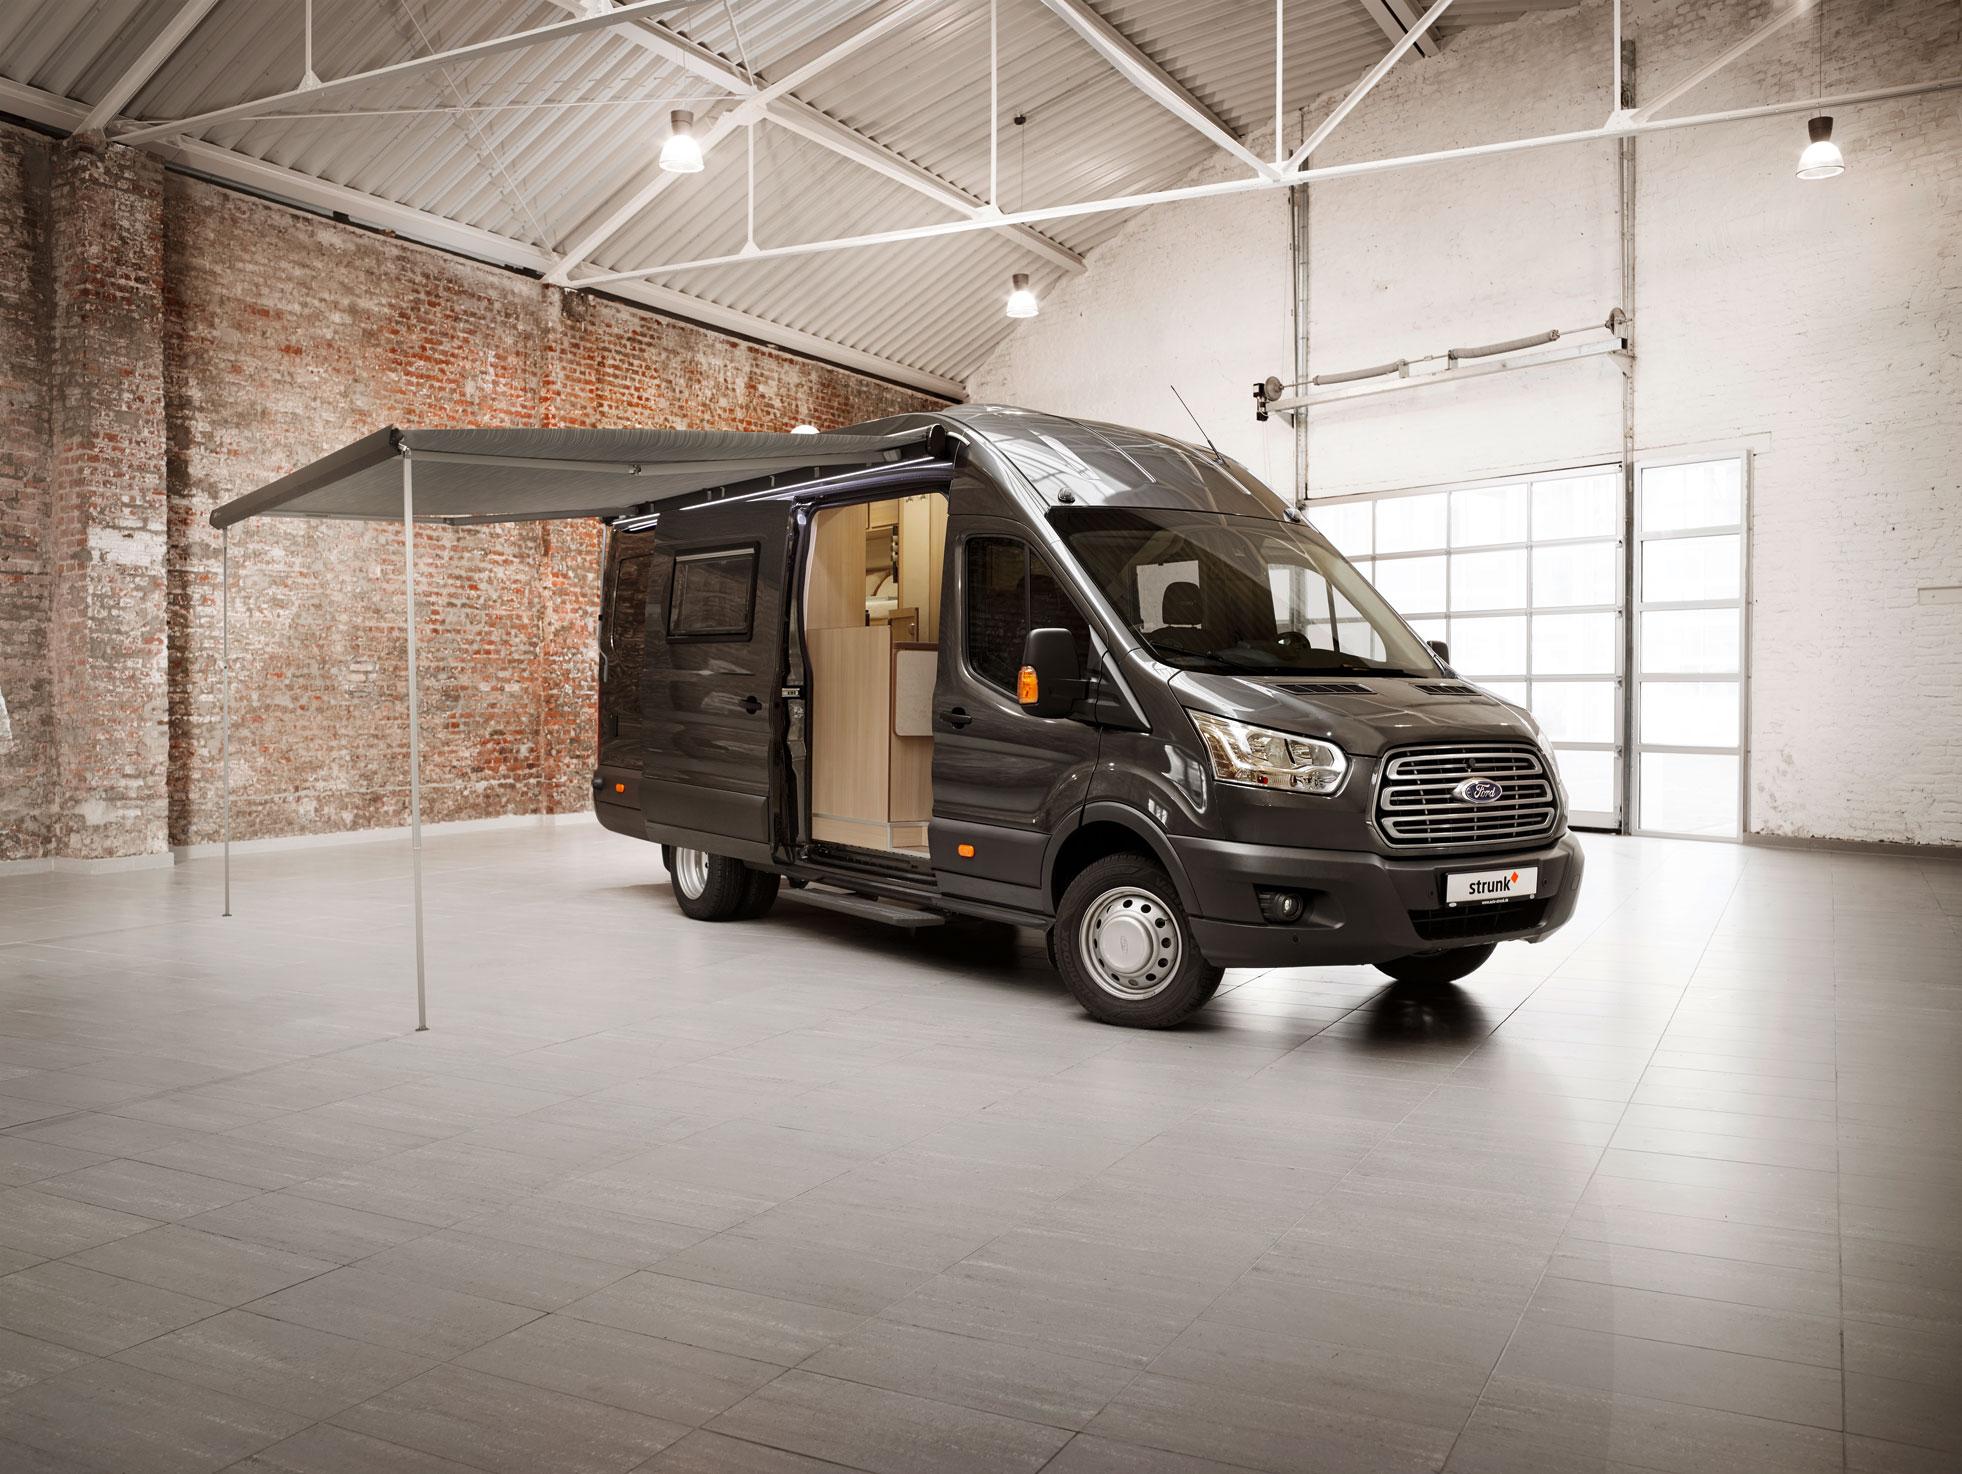 Auto Kühlschrank Gas : Auto kühlschrank dometic caravanersatzteile schiebeverschluß